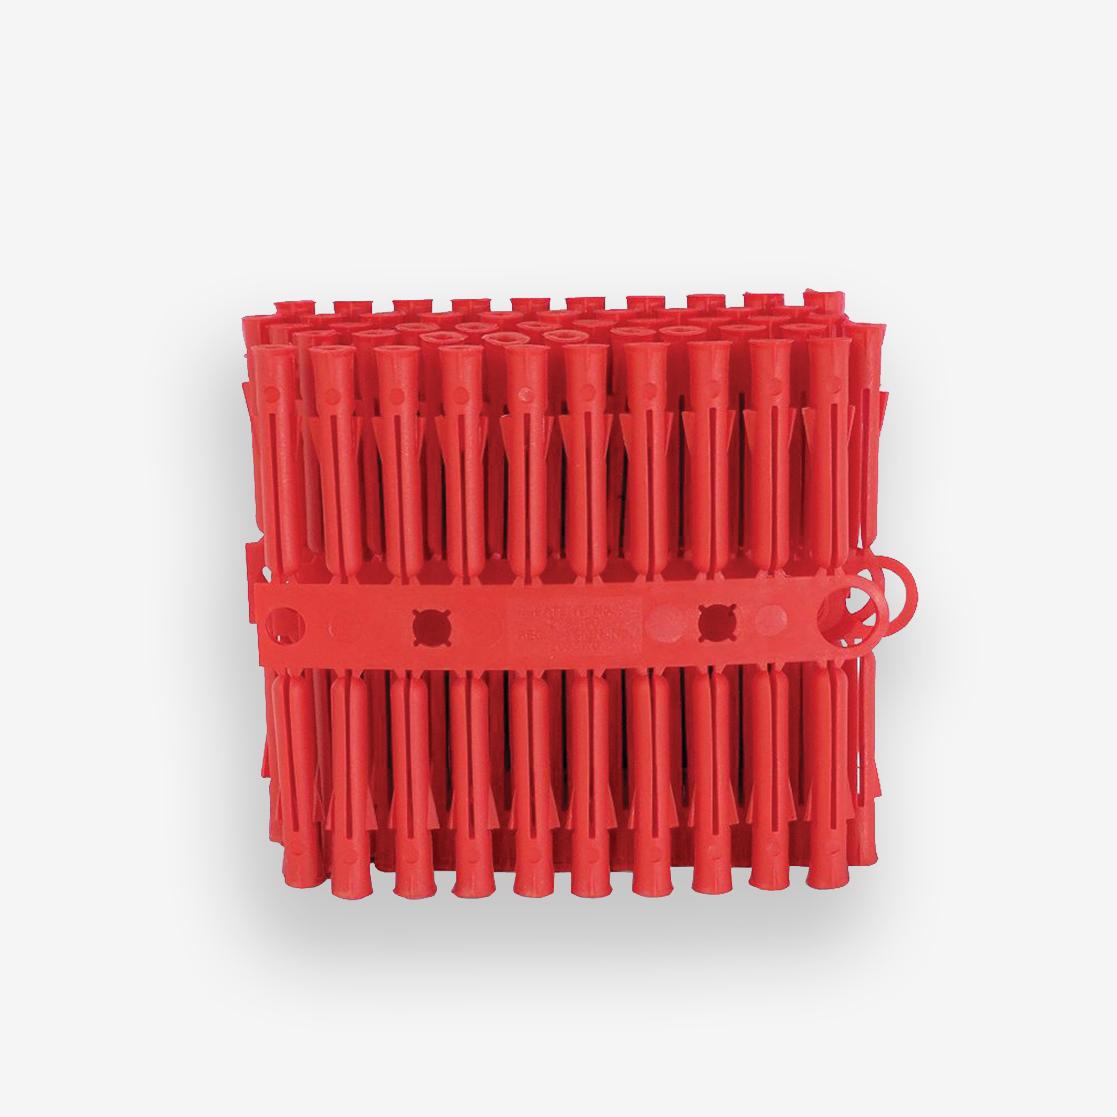 Plastic Plugs